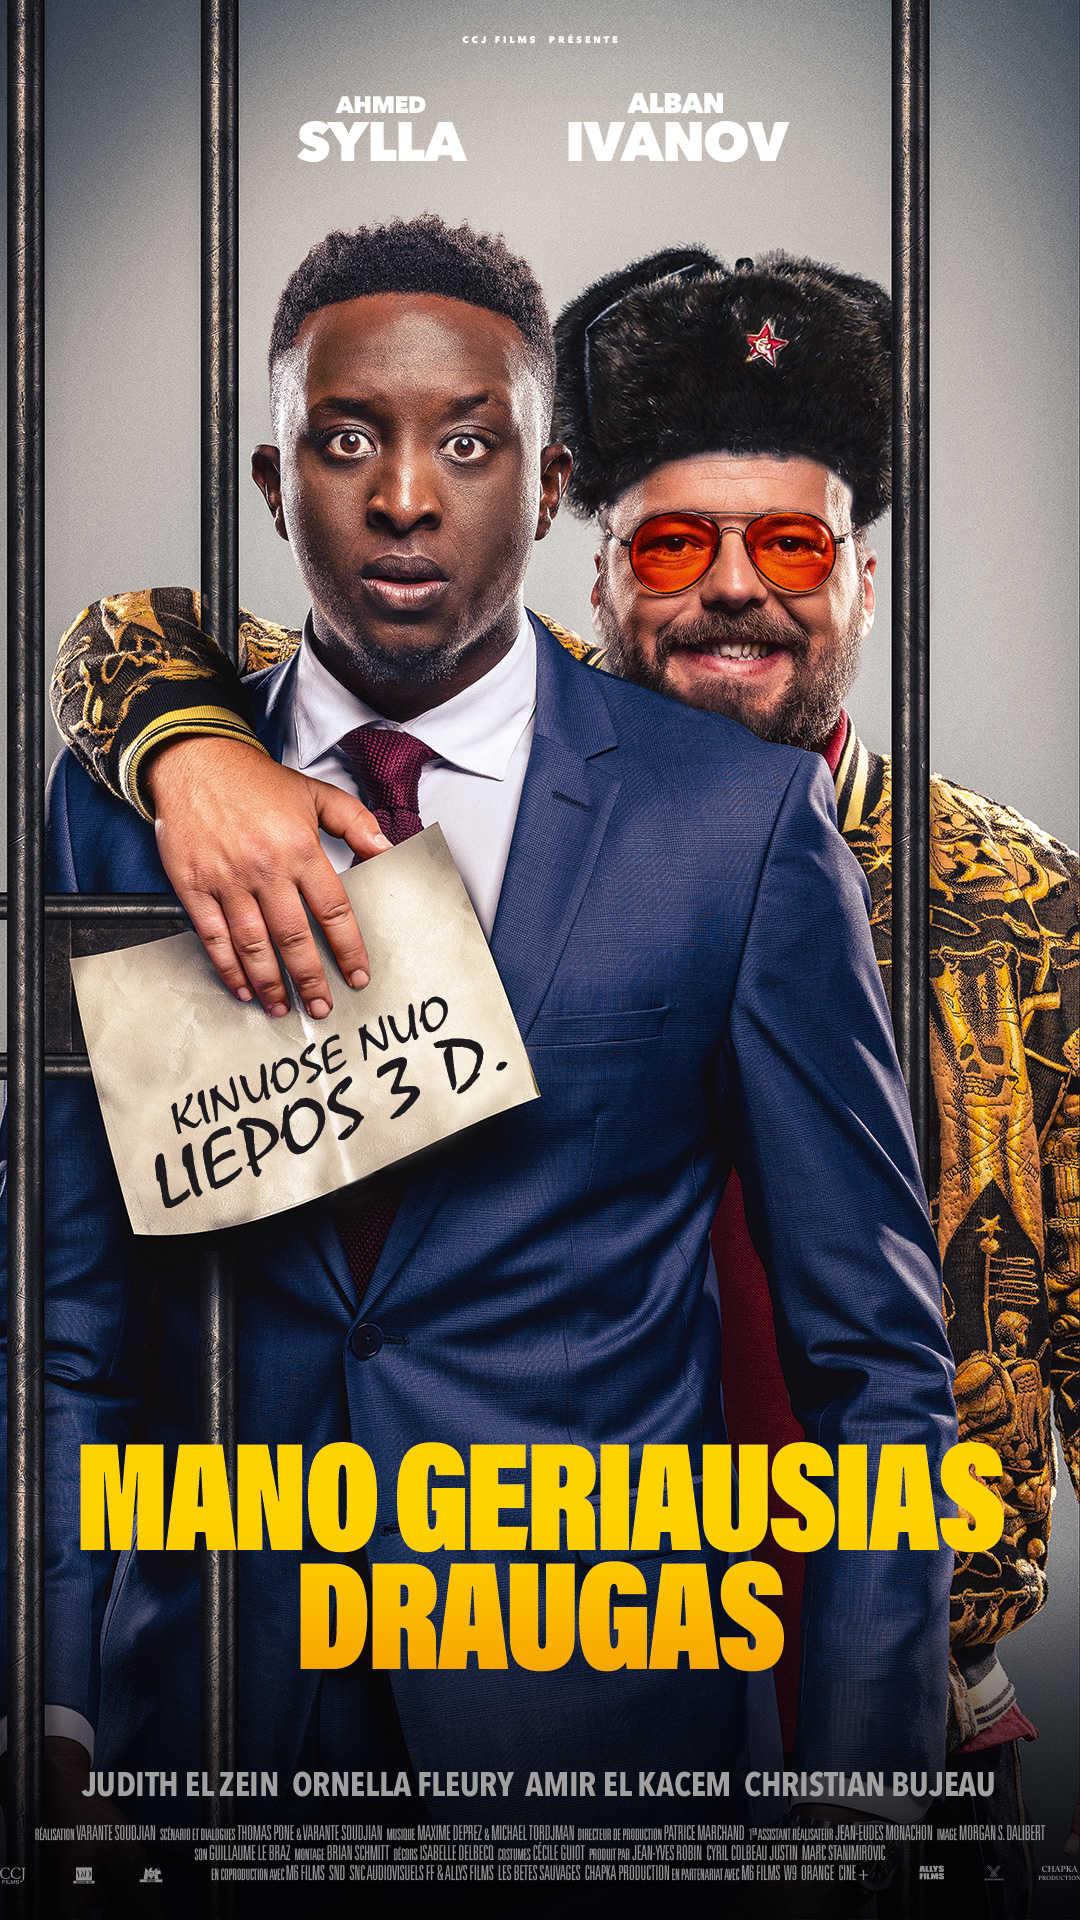 MANO GERIAUSIAS DRAUGAS (A Very Bad Friend)